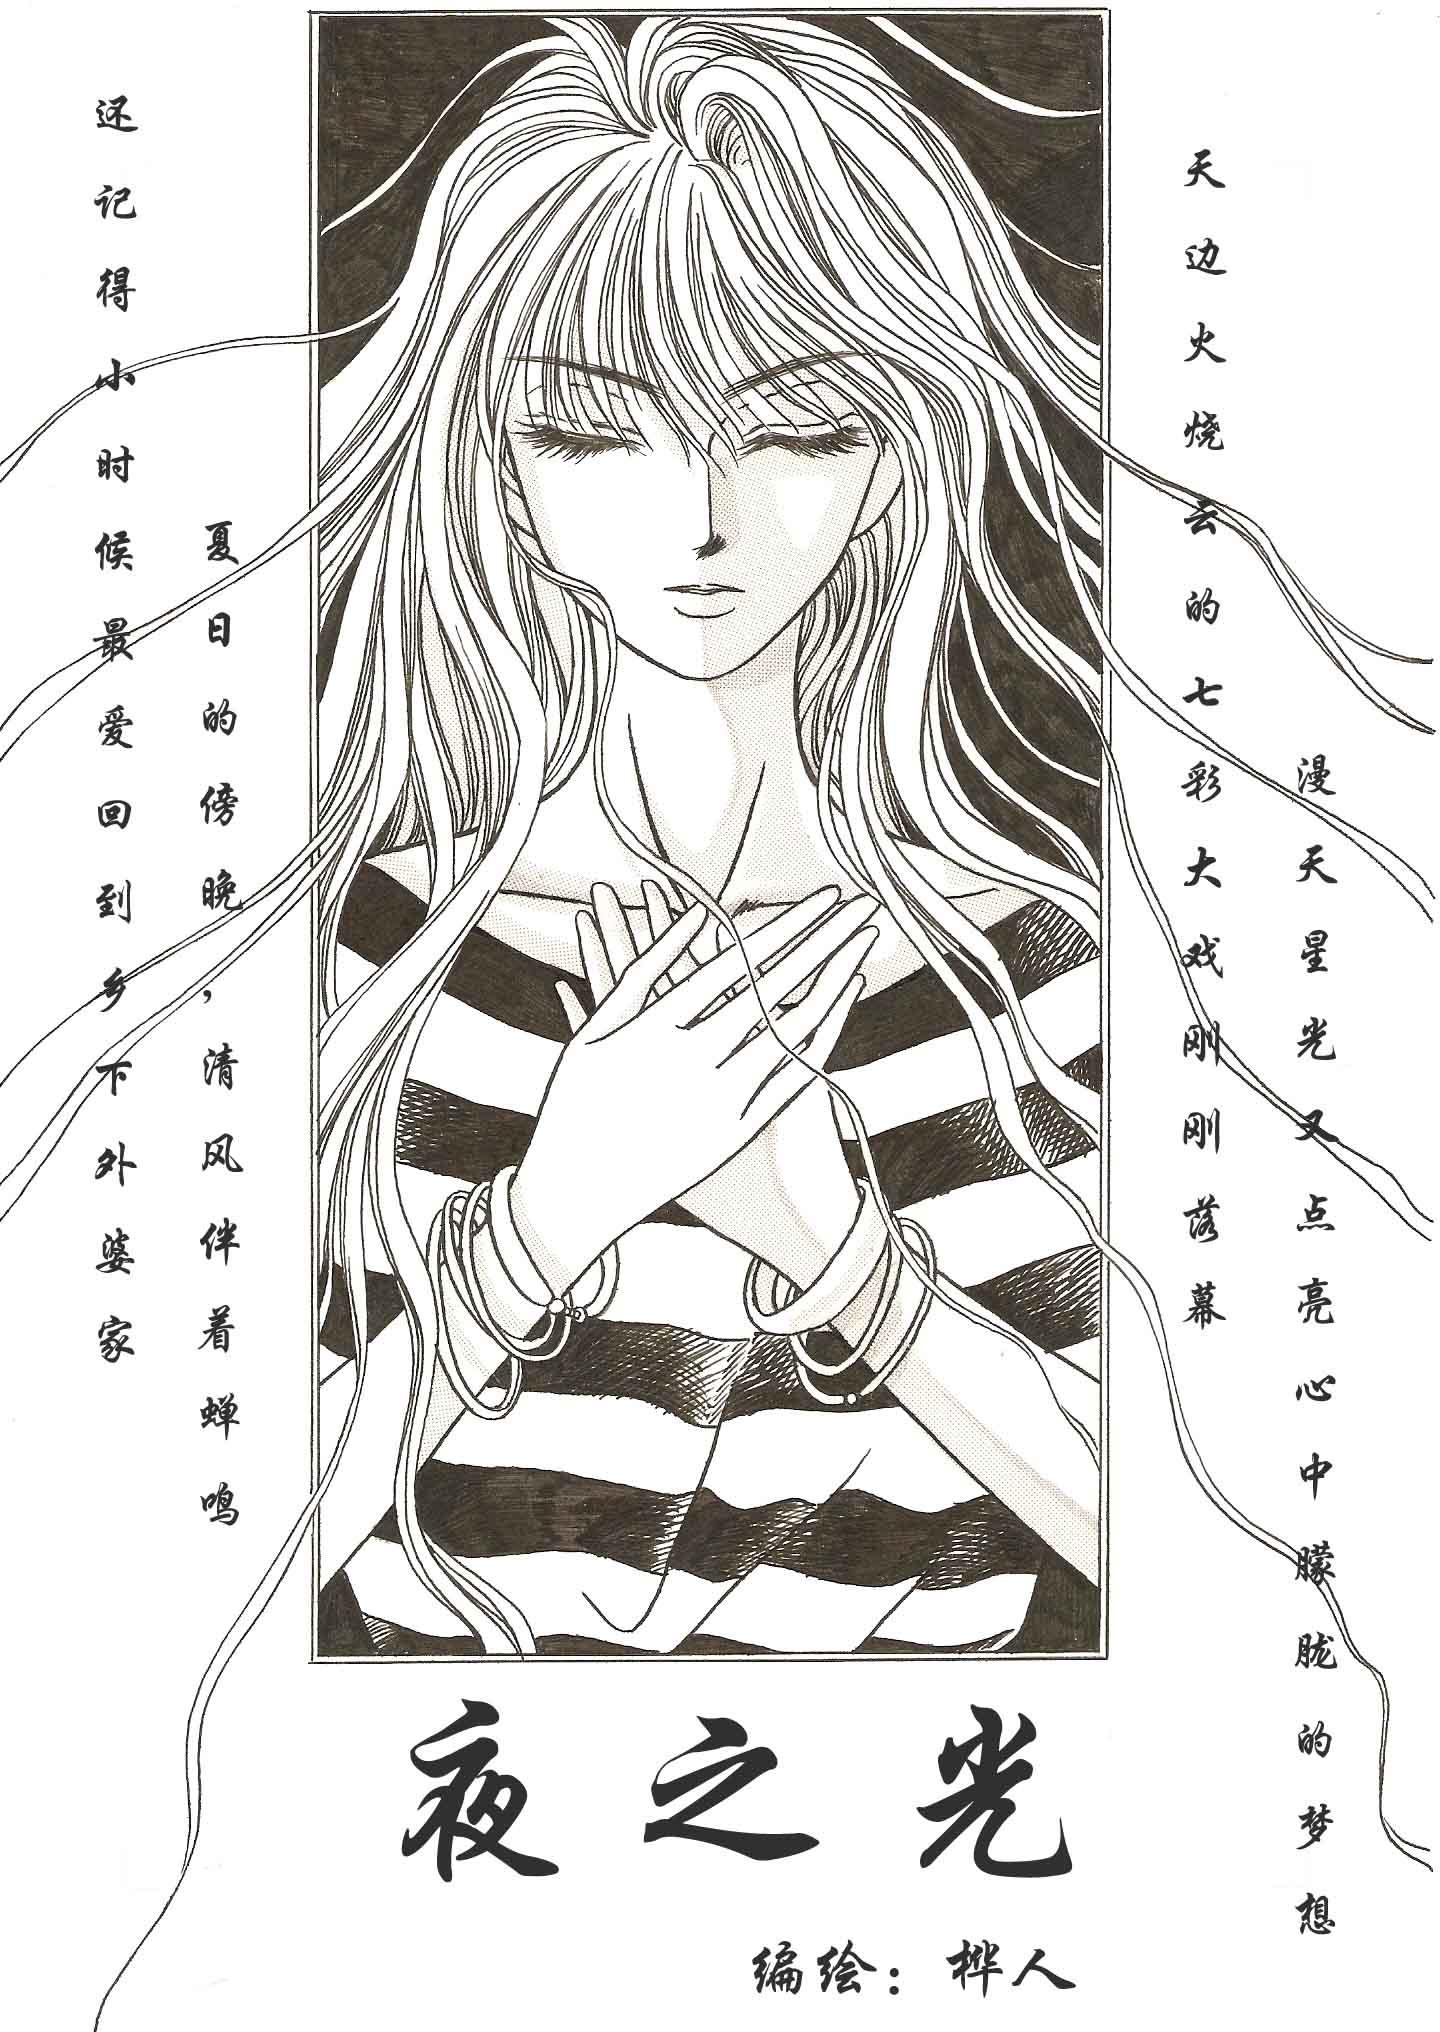 原创黑白手绘漫画故事《夜之光》